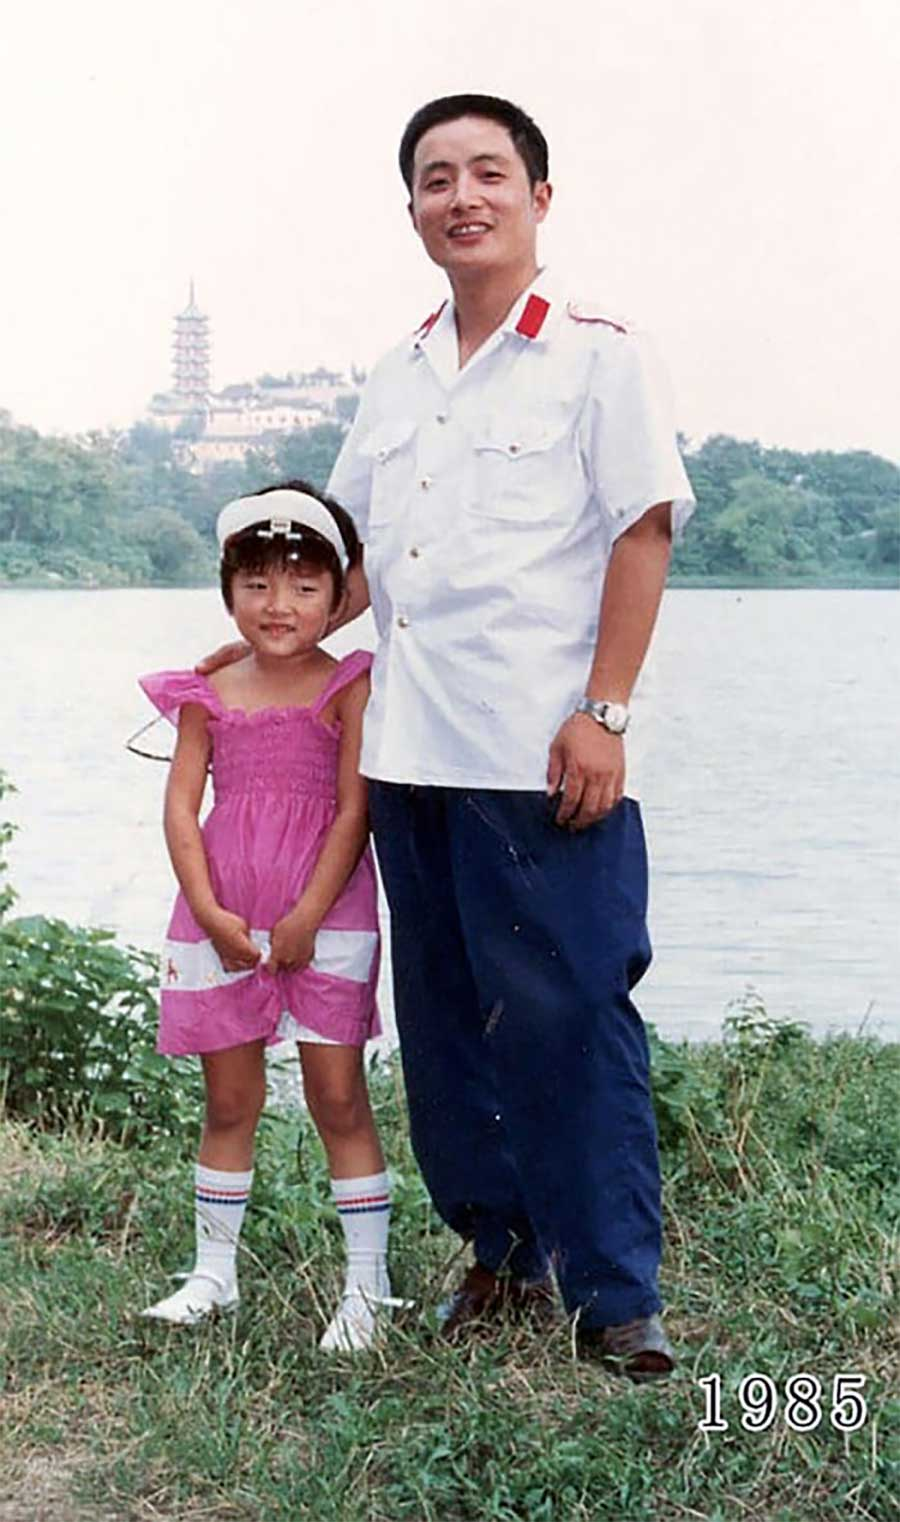 Vater und Tochter machen seit 1980 jährlich ein Foto am gleichen Ort Vater-Tochter-40-Jahre-portraits-gleicher-ort_Hua-Yunqing_06